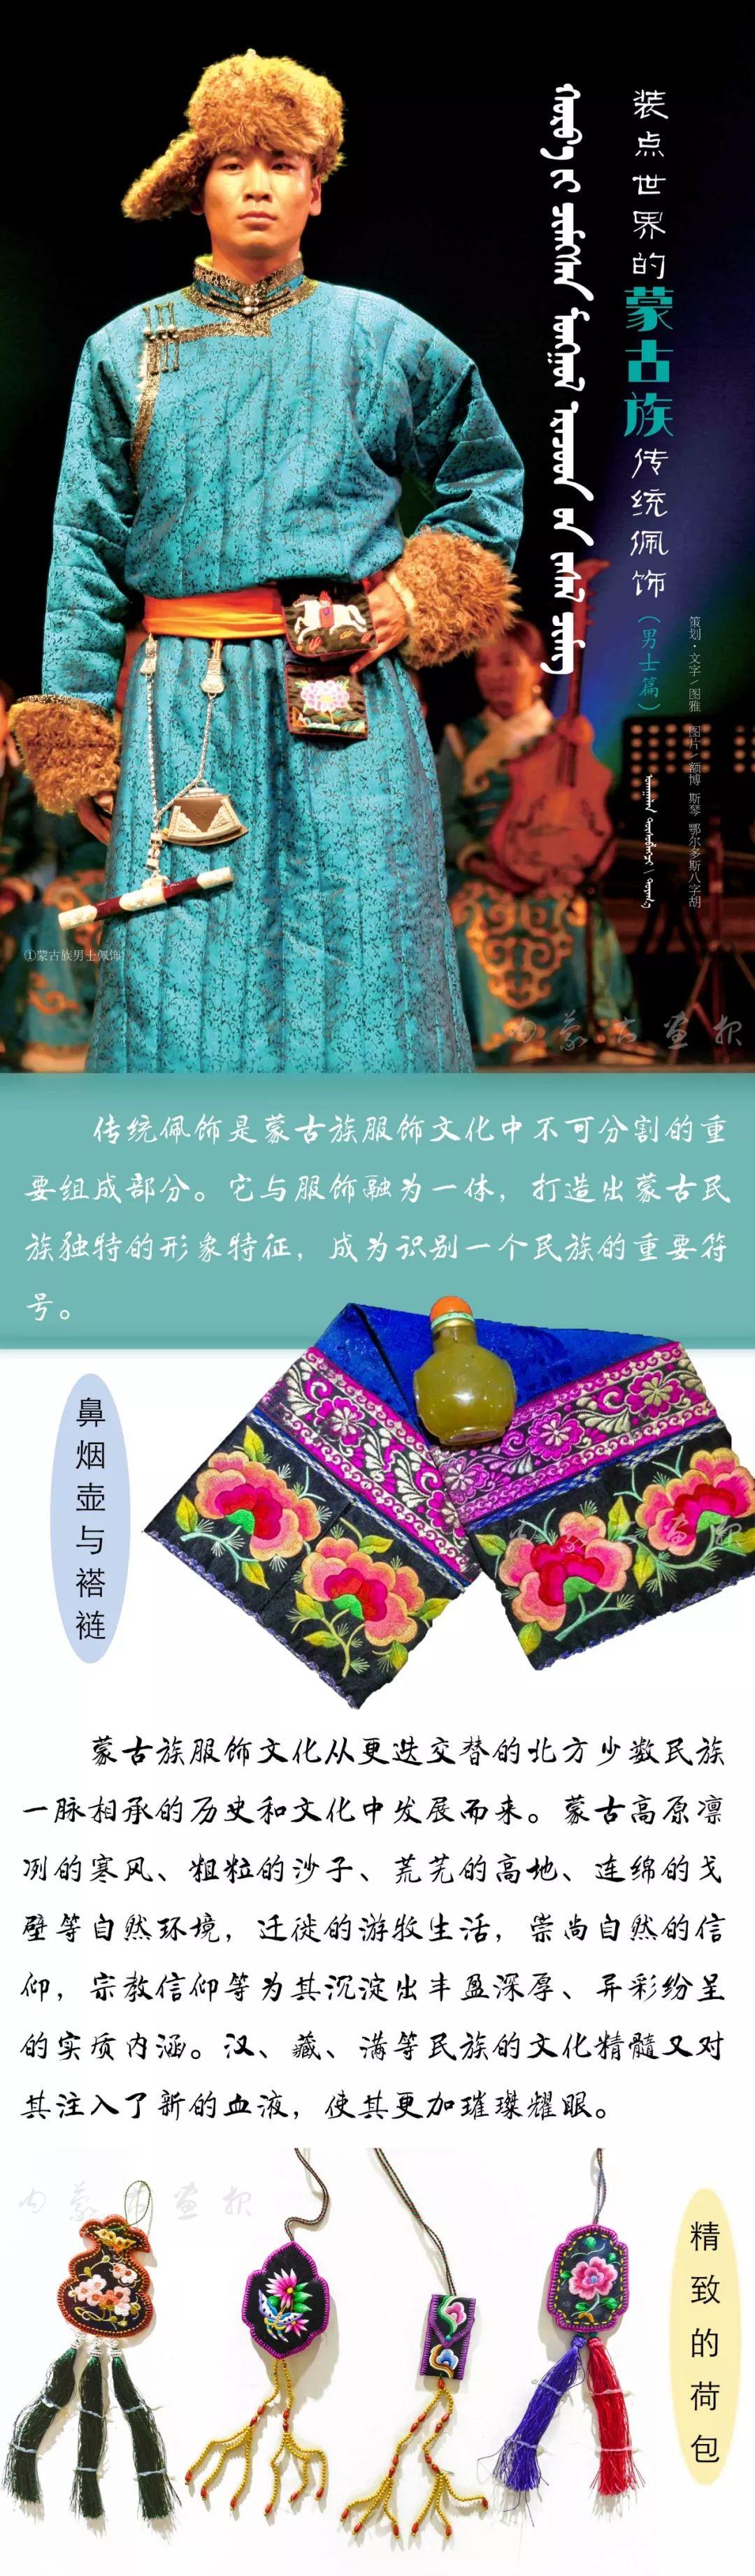 装点世界的蒙古族传统佩饰 | 男士篇 第8张 装点世界的蒙古族传统佩饰 | 男士篇 蒙古服饰